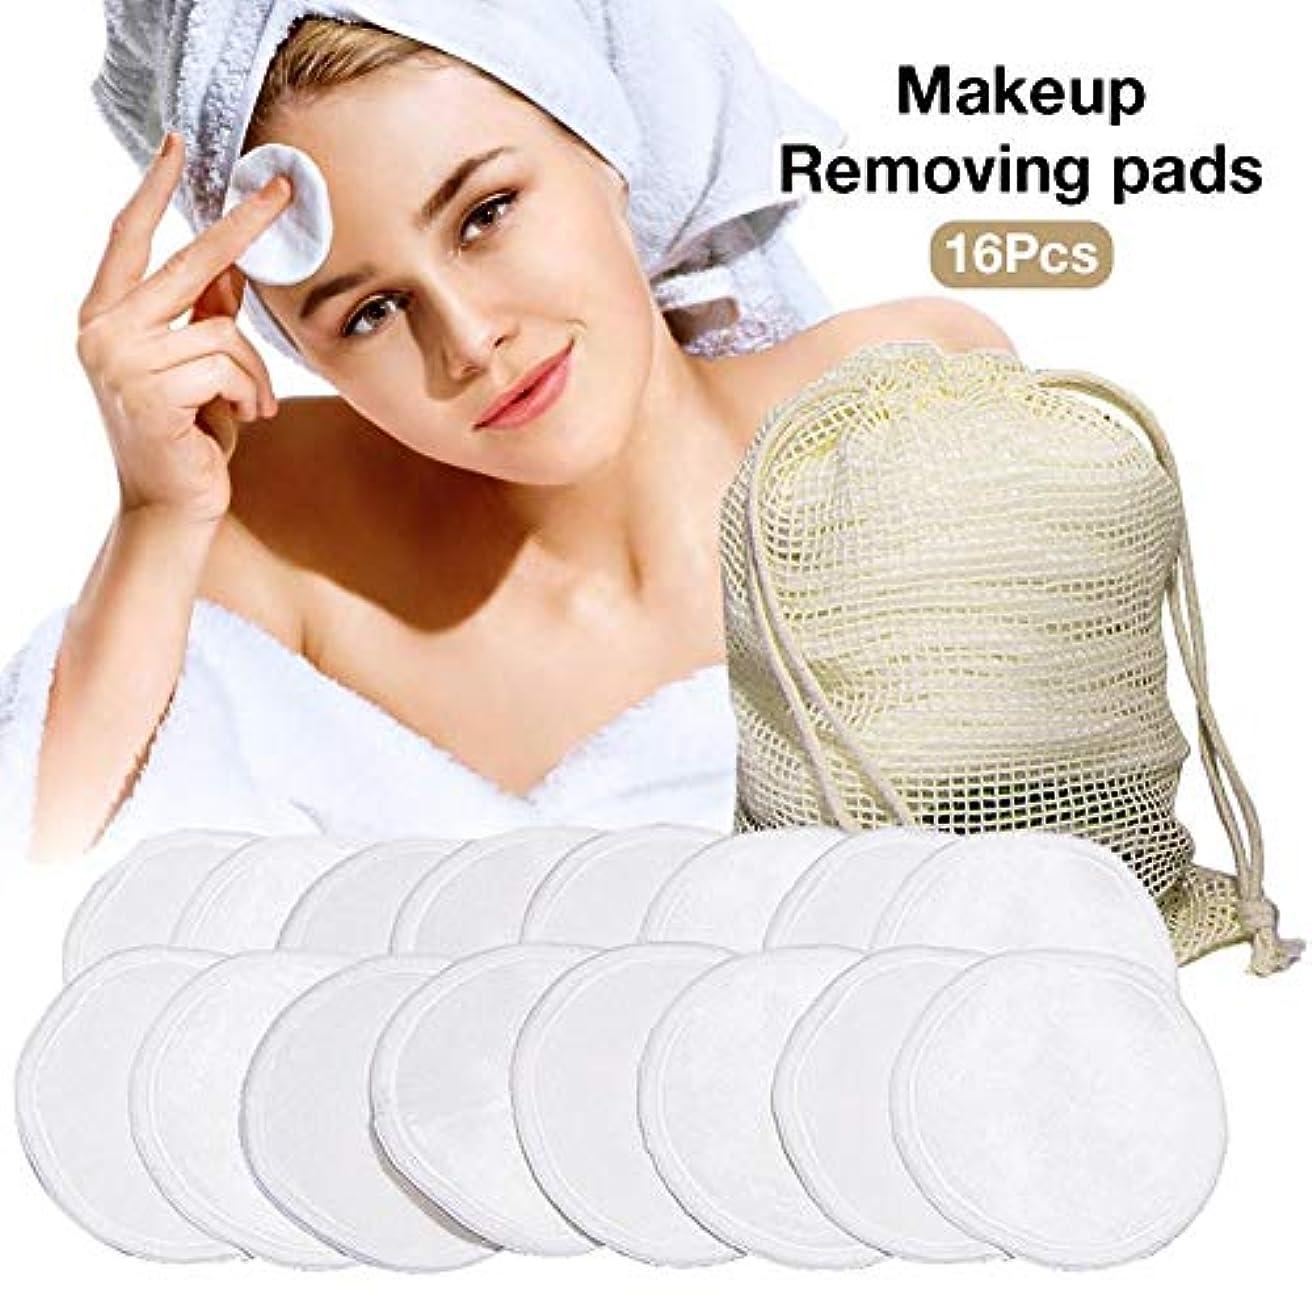 文字通り贅沢な落胆するAllrightip コットンパッド、再利用可能なメイクアップパッド、ランドリーバッグが付いている16の再利用可能なコットンパッドのパック、洗えるメイクアップリムーバーコットンパッドすべての肌タイプのエコフレンドリーな顔布...